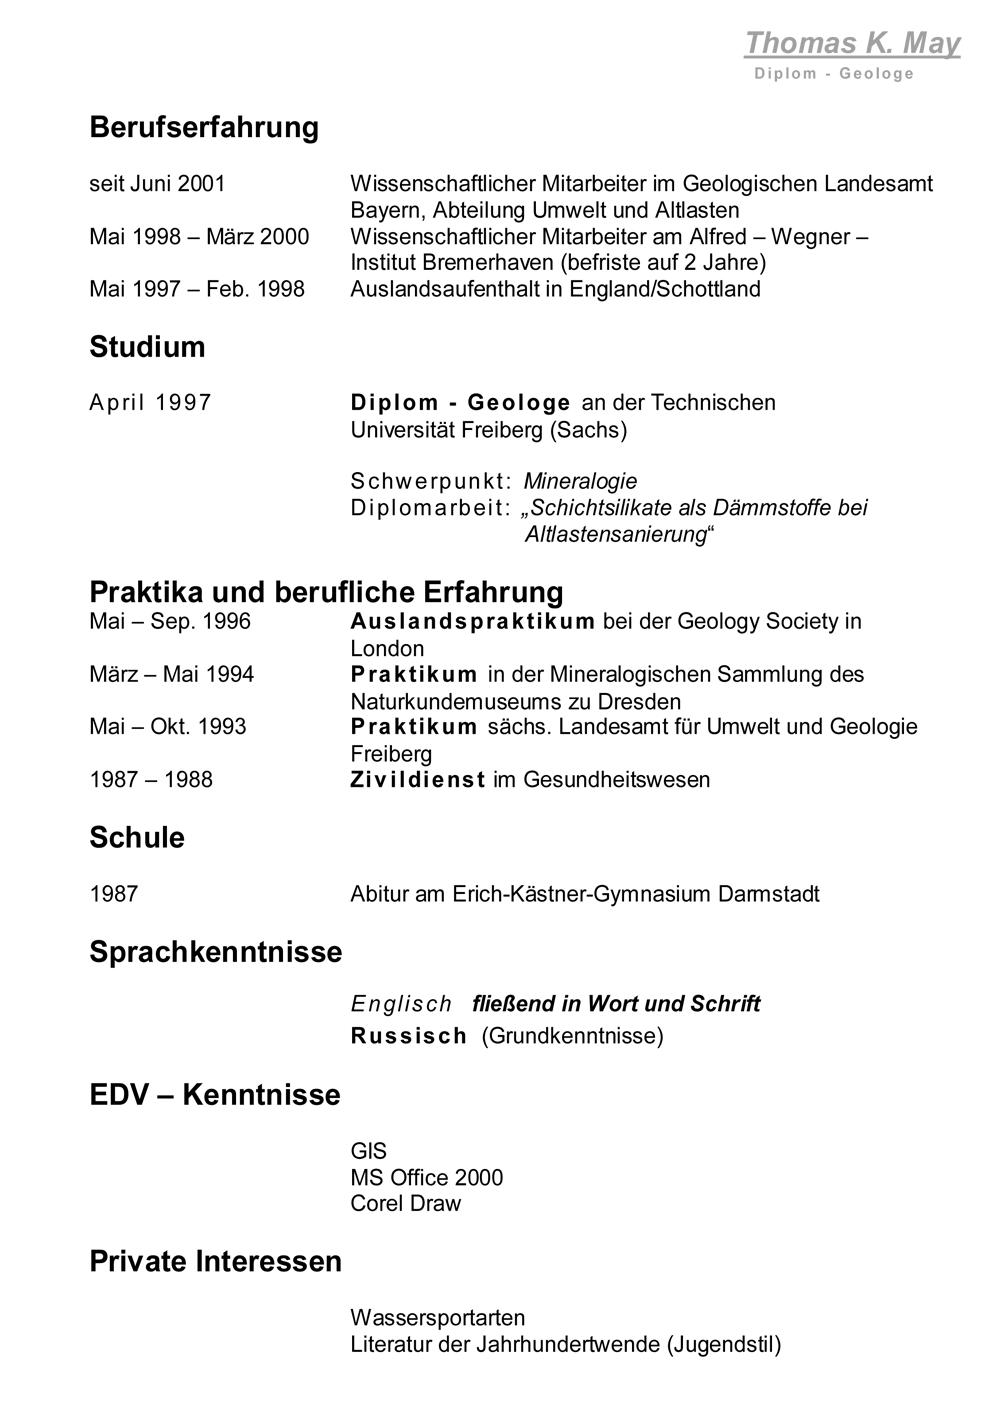 Lebenslauf Schulabschluss Lebenslauf Beispiel Lebenslauf Muster Beispiel Kenntnisse Angeben Bundeswehr Vorlage Bewerbung Amerikanischer Amer In 2020 Kitchen Design